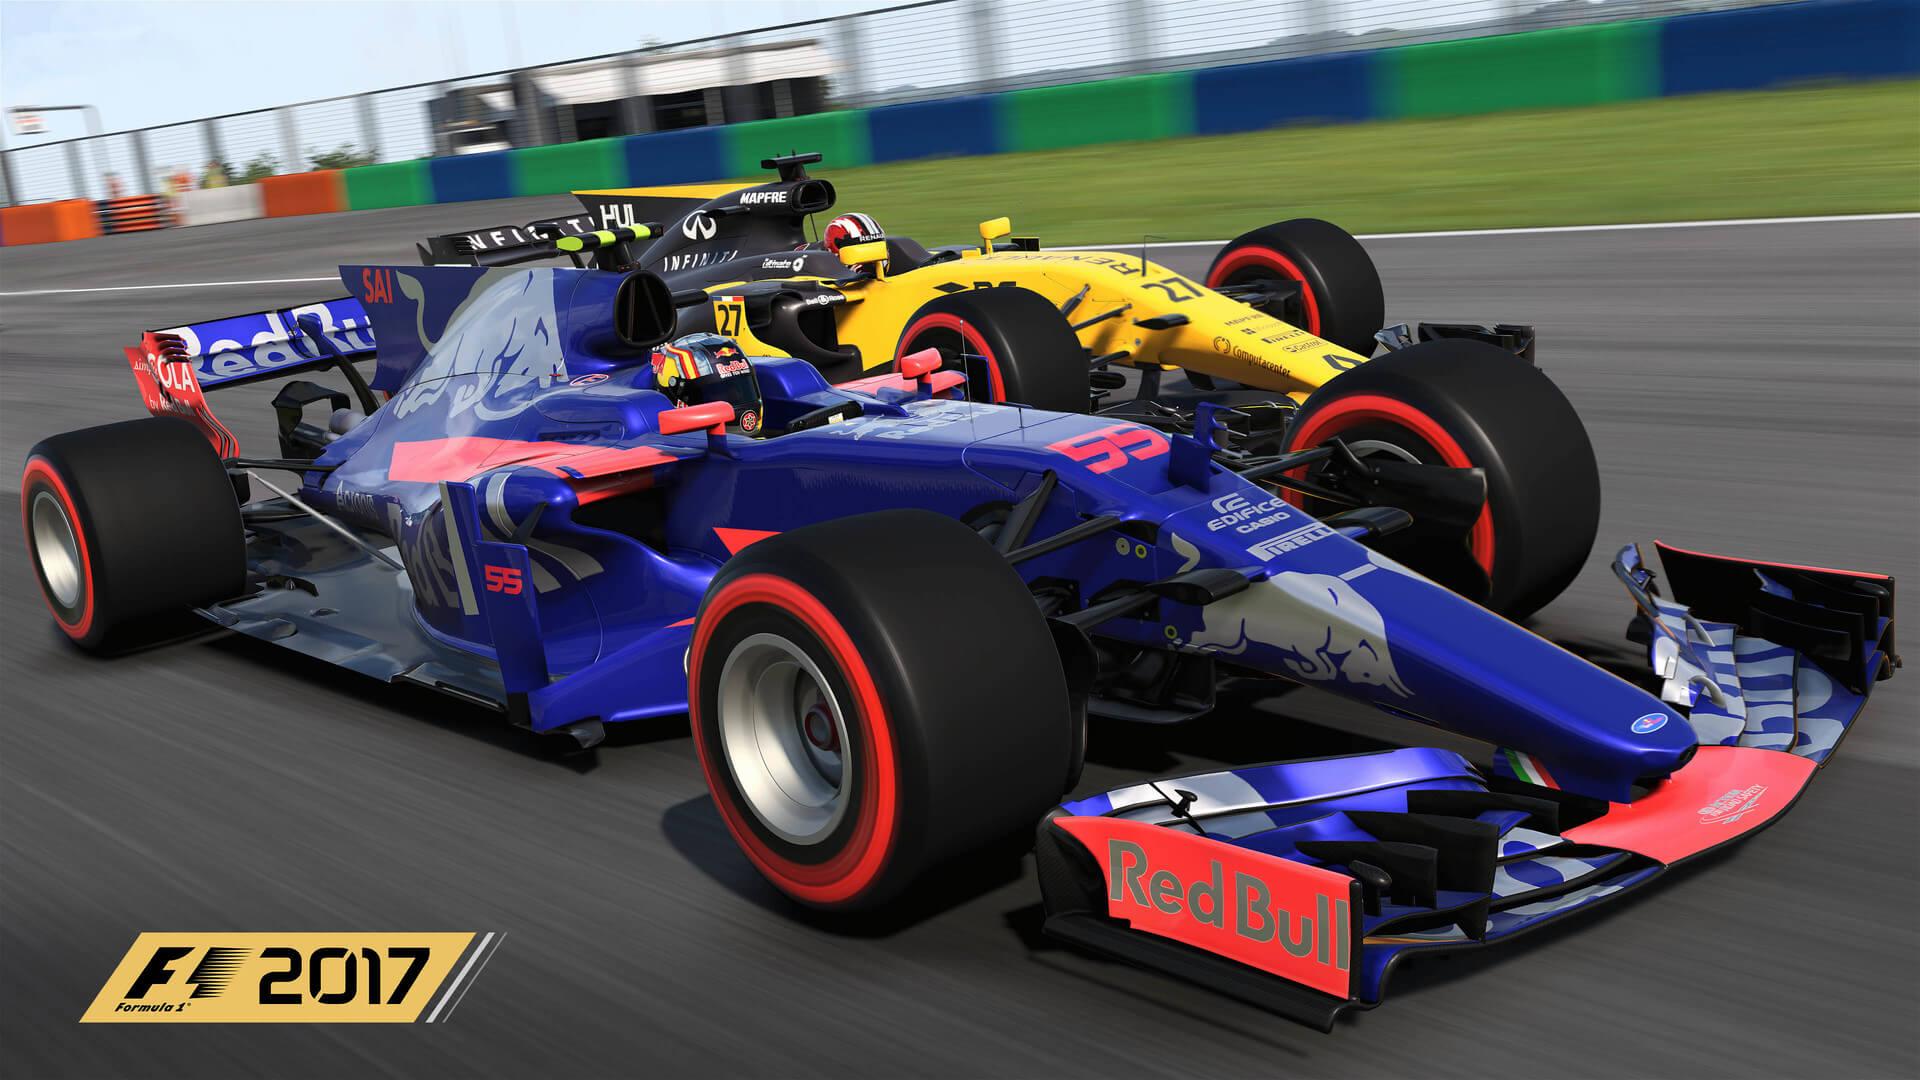 Espectaculares nuevas imágenes de F1 2017